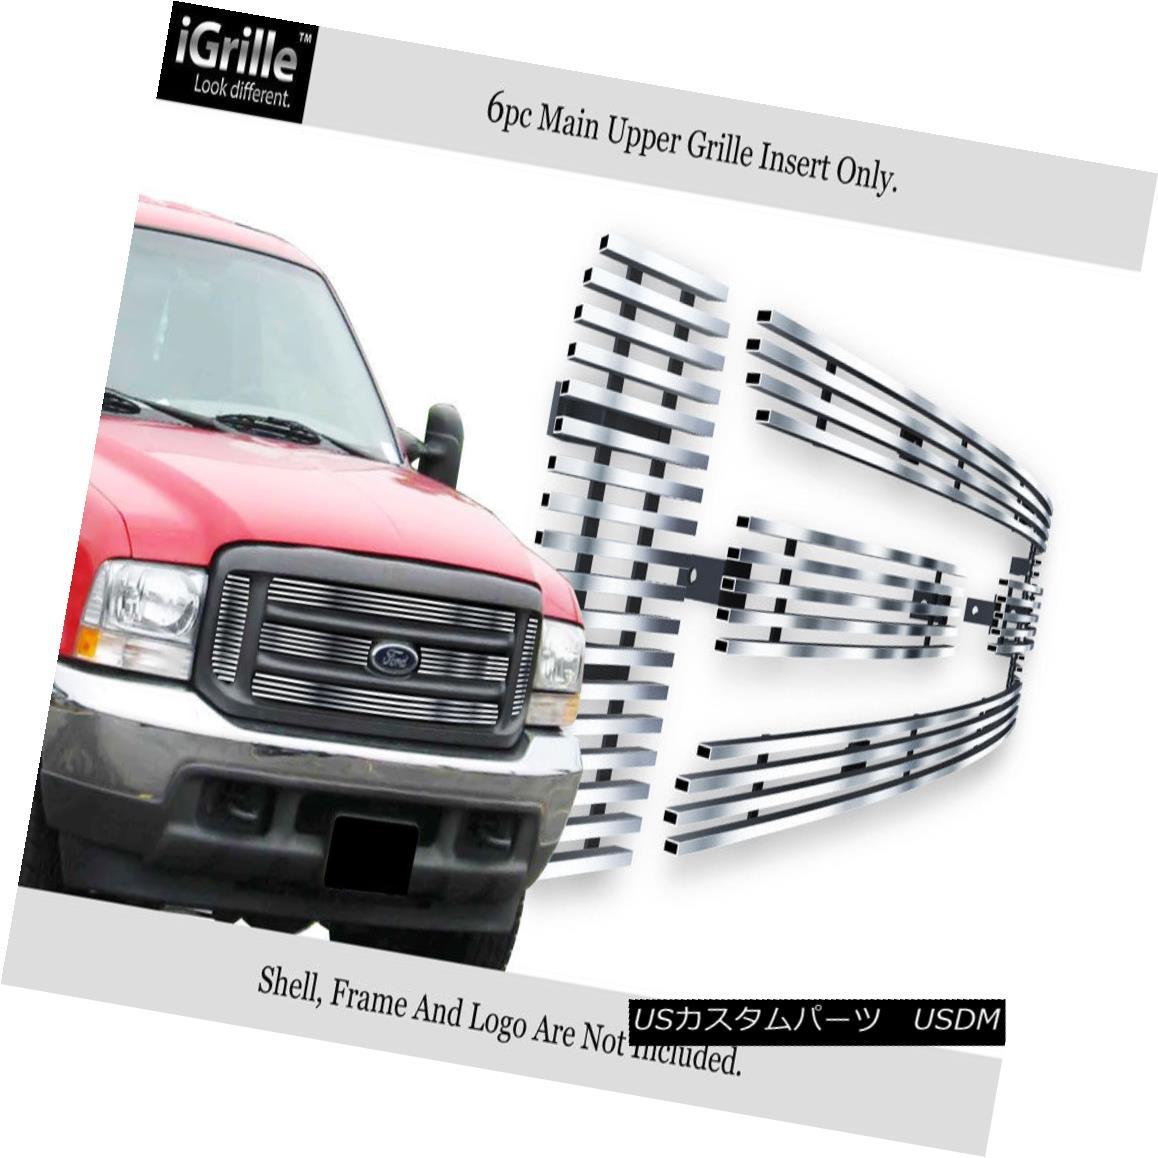 グリル Fits 99-04 Ford F250/F350/F450/ F550 Stainless Steel Billet Grille Insert フィッティング99-04 Ford F250 / F350 / F450 / F550ステンレス鋼ビレットグリルインサート